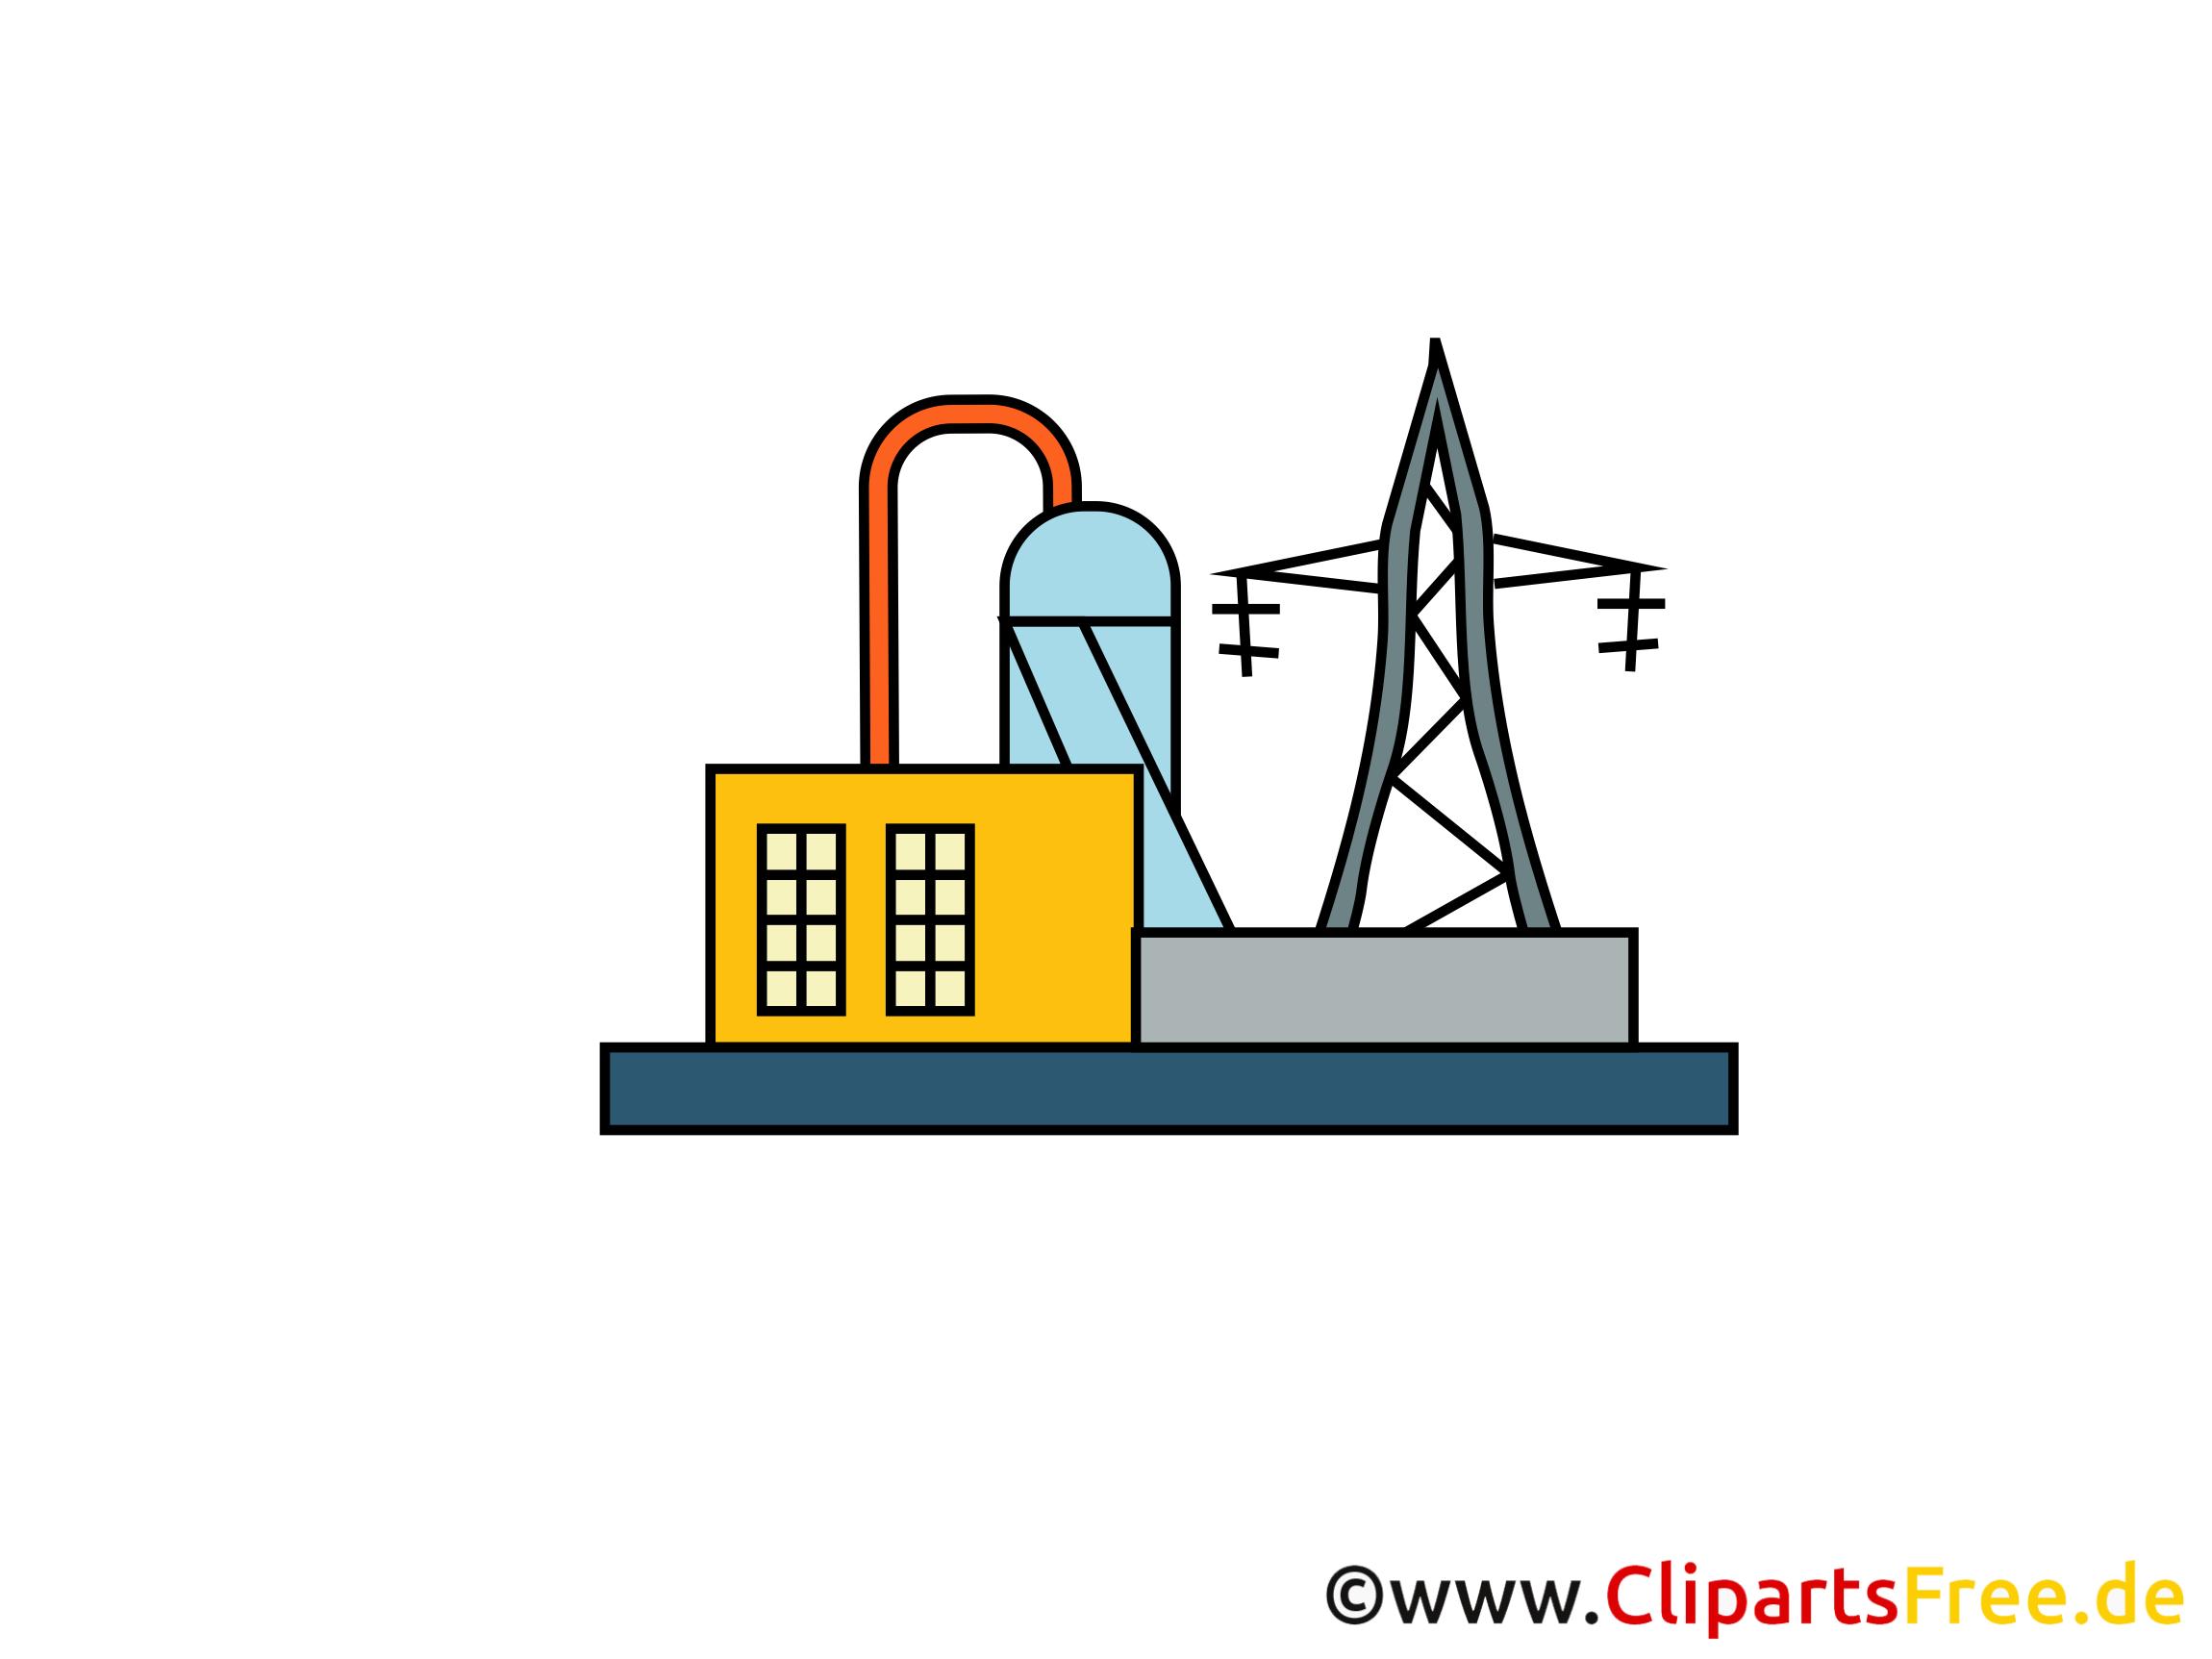 Kraftwerk Bild, Clipart, Illustration, Grafik kostenlos.